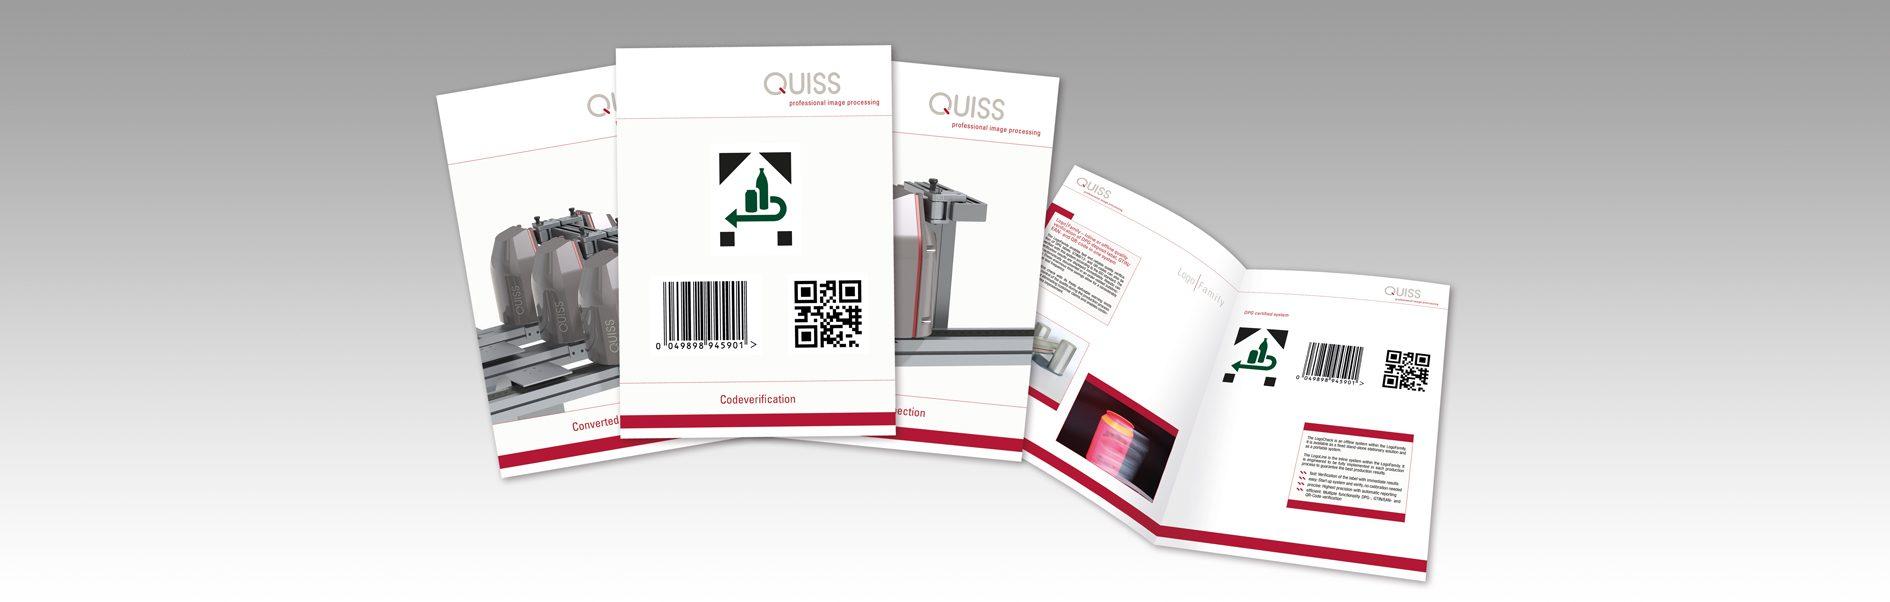 Hier sind die 3 4-seiter von Quiss abgebildet.